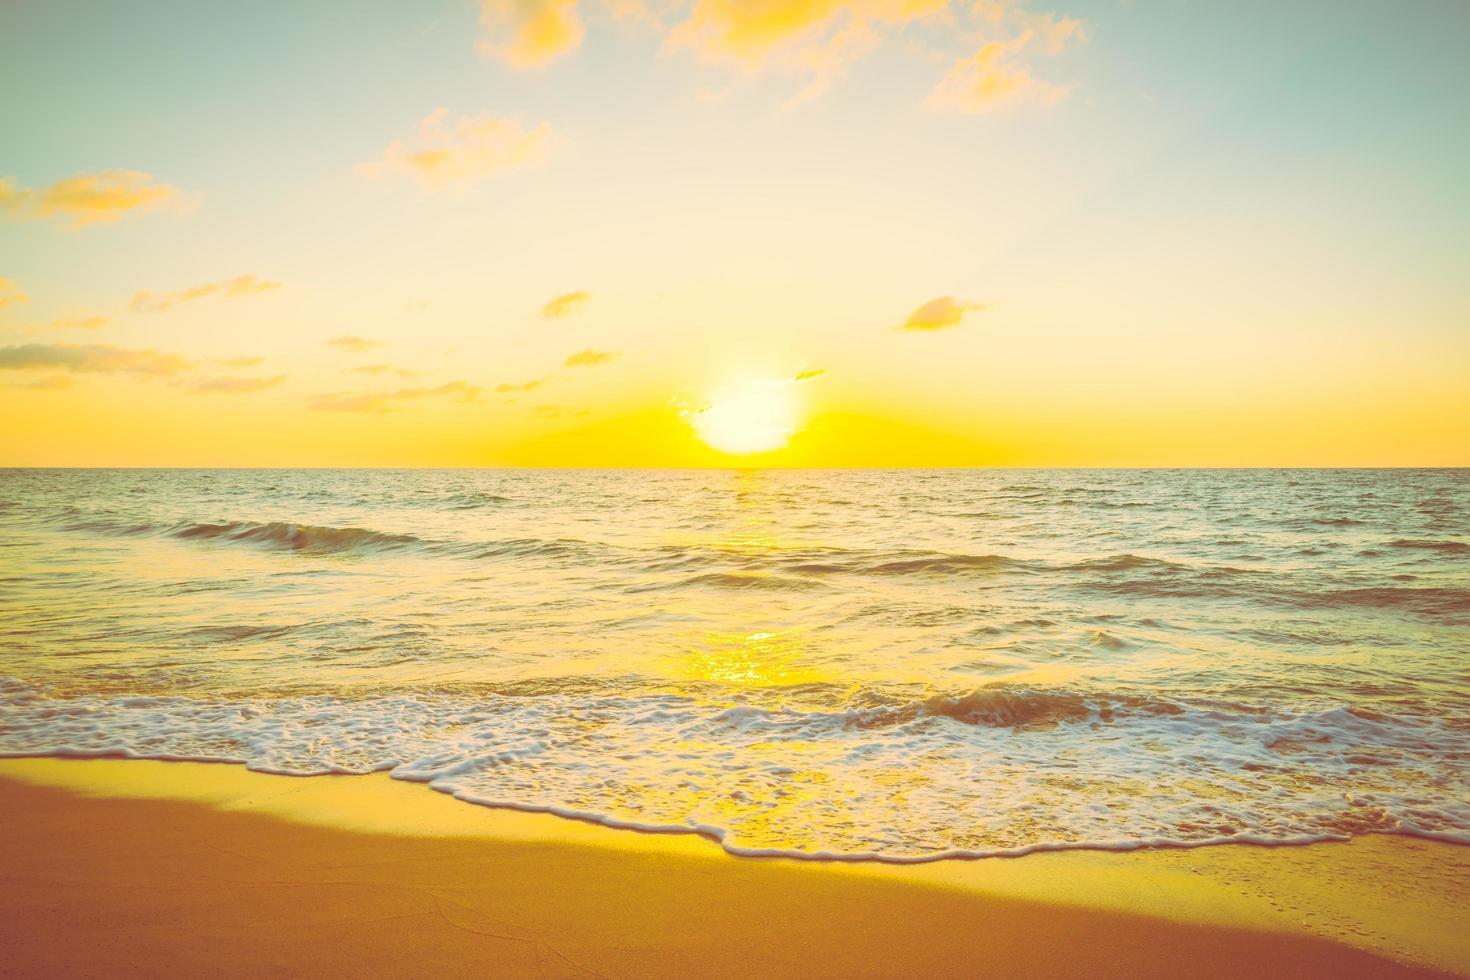 puesta de sol con mar y playa foto